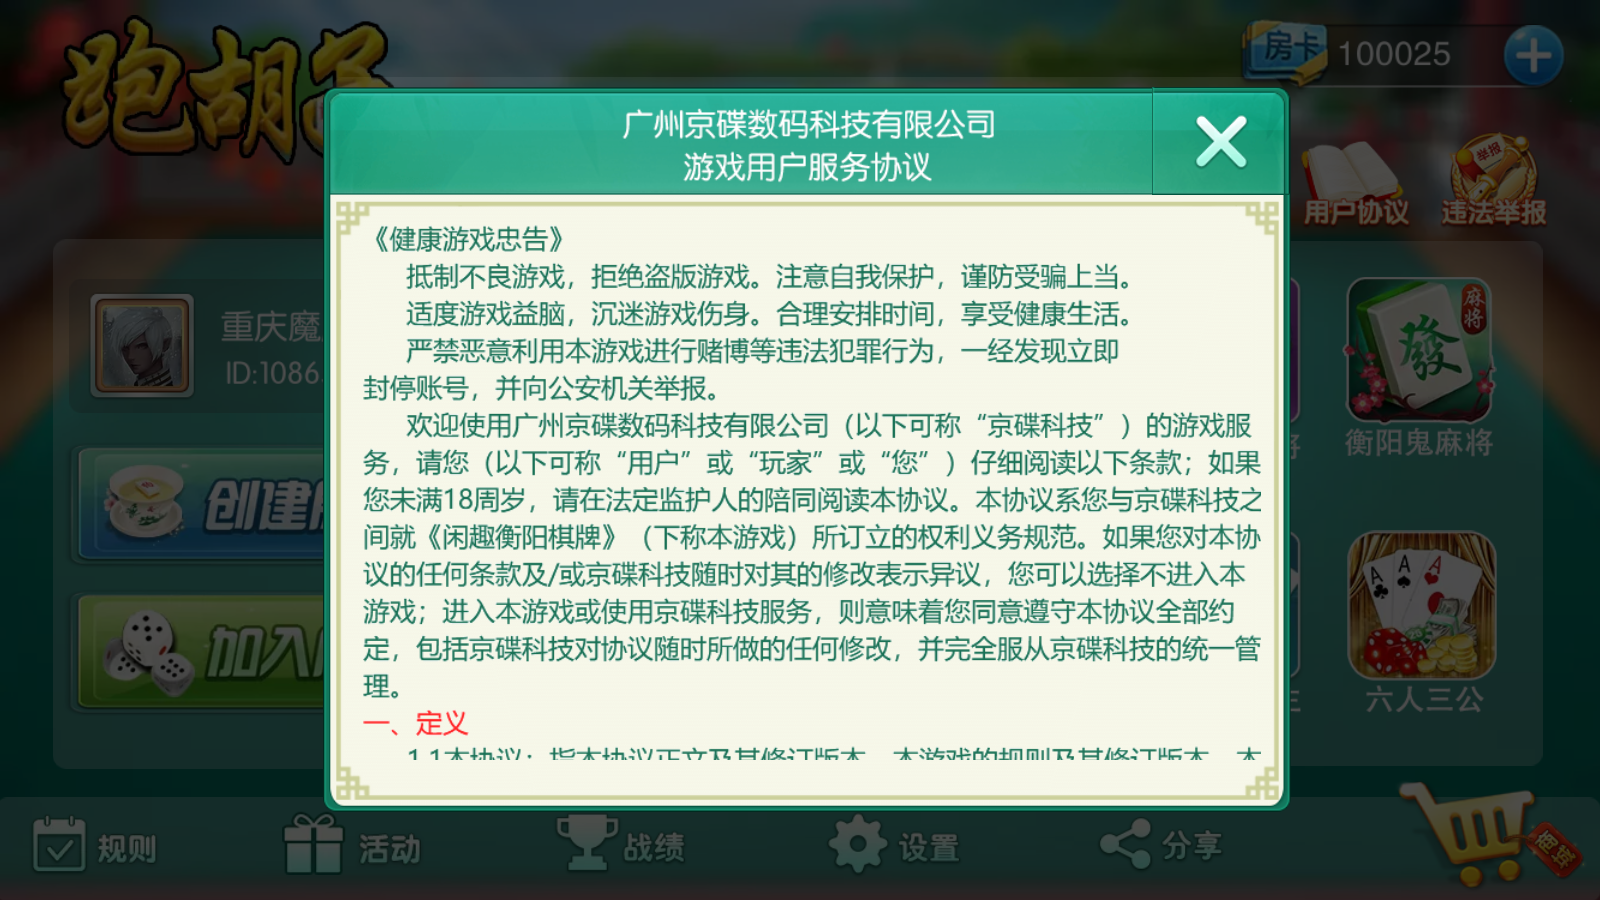 网狐二开跑胡子合集 麻将游戏 字牌游戏 扑克游戏 完整整理-第8张